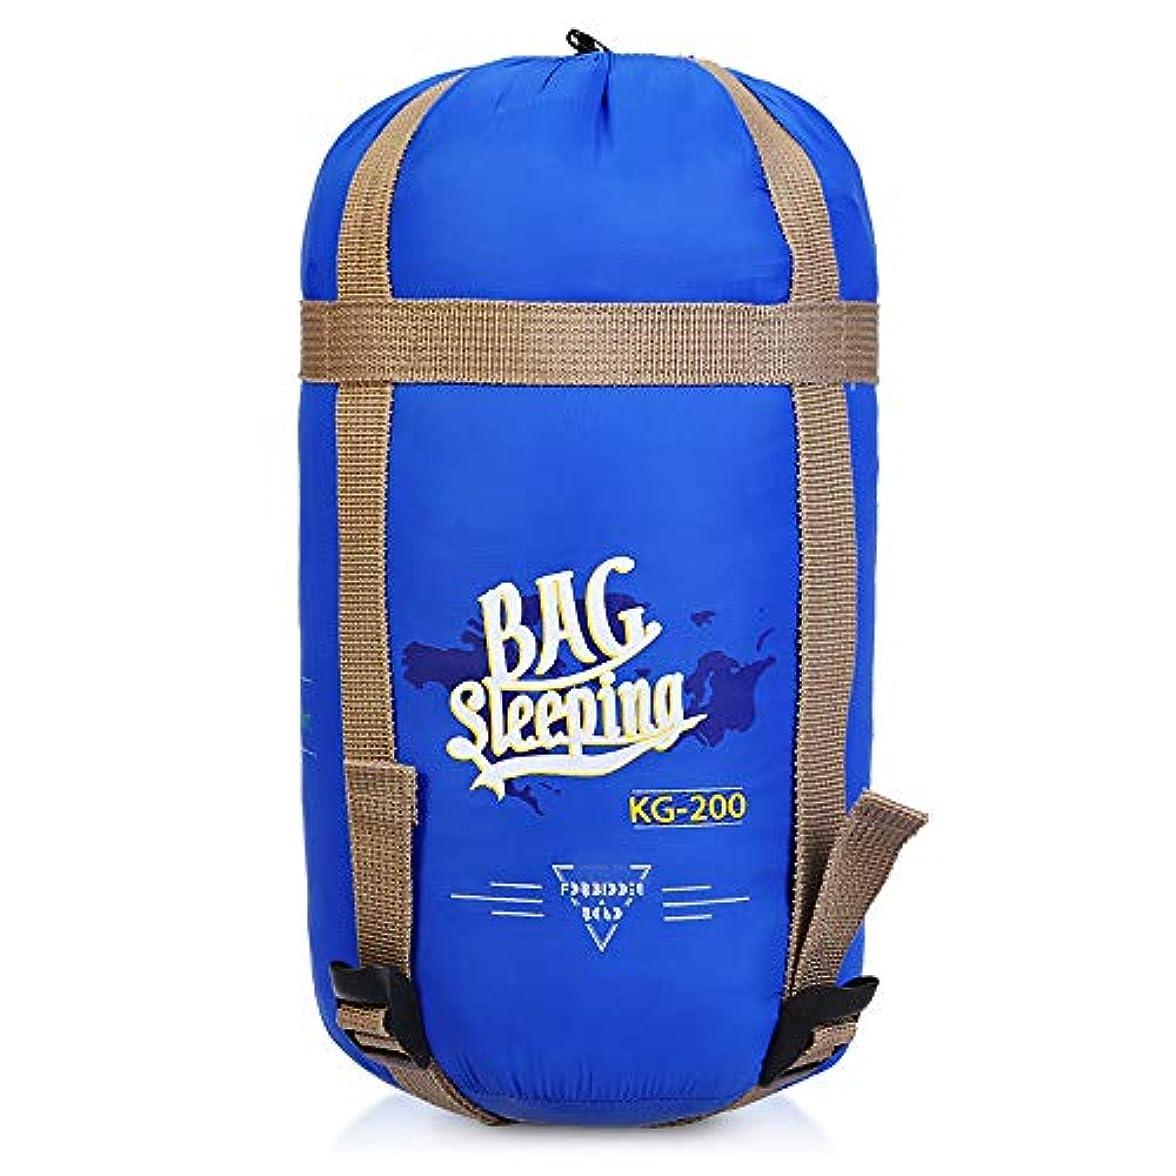 チラチラする鋼共感するForbidden Road 屋外 寝袋 封筒型 0-15度 ナイロンポータブルシングルスリープバッグ軽い耐水性エンブレム男性用キャンプハイキングバックパック - 圧縮バッグ付き